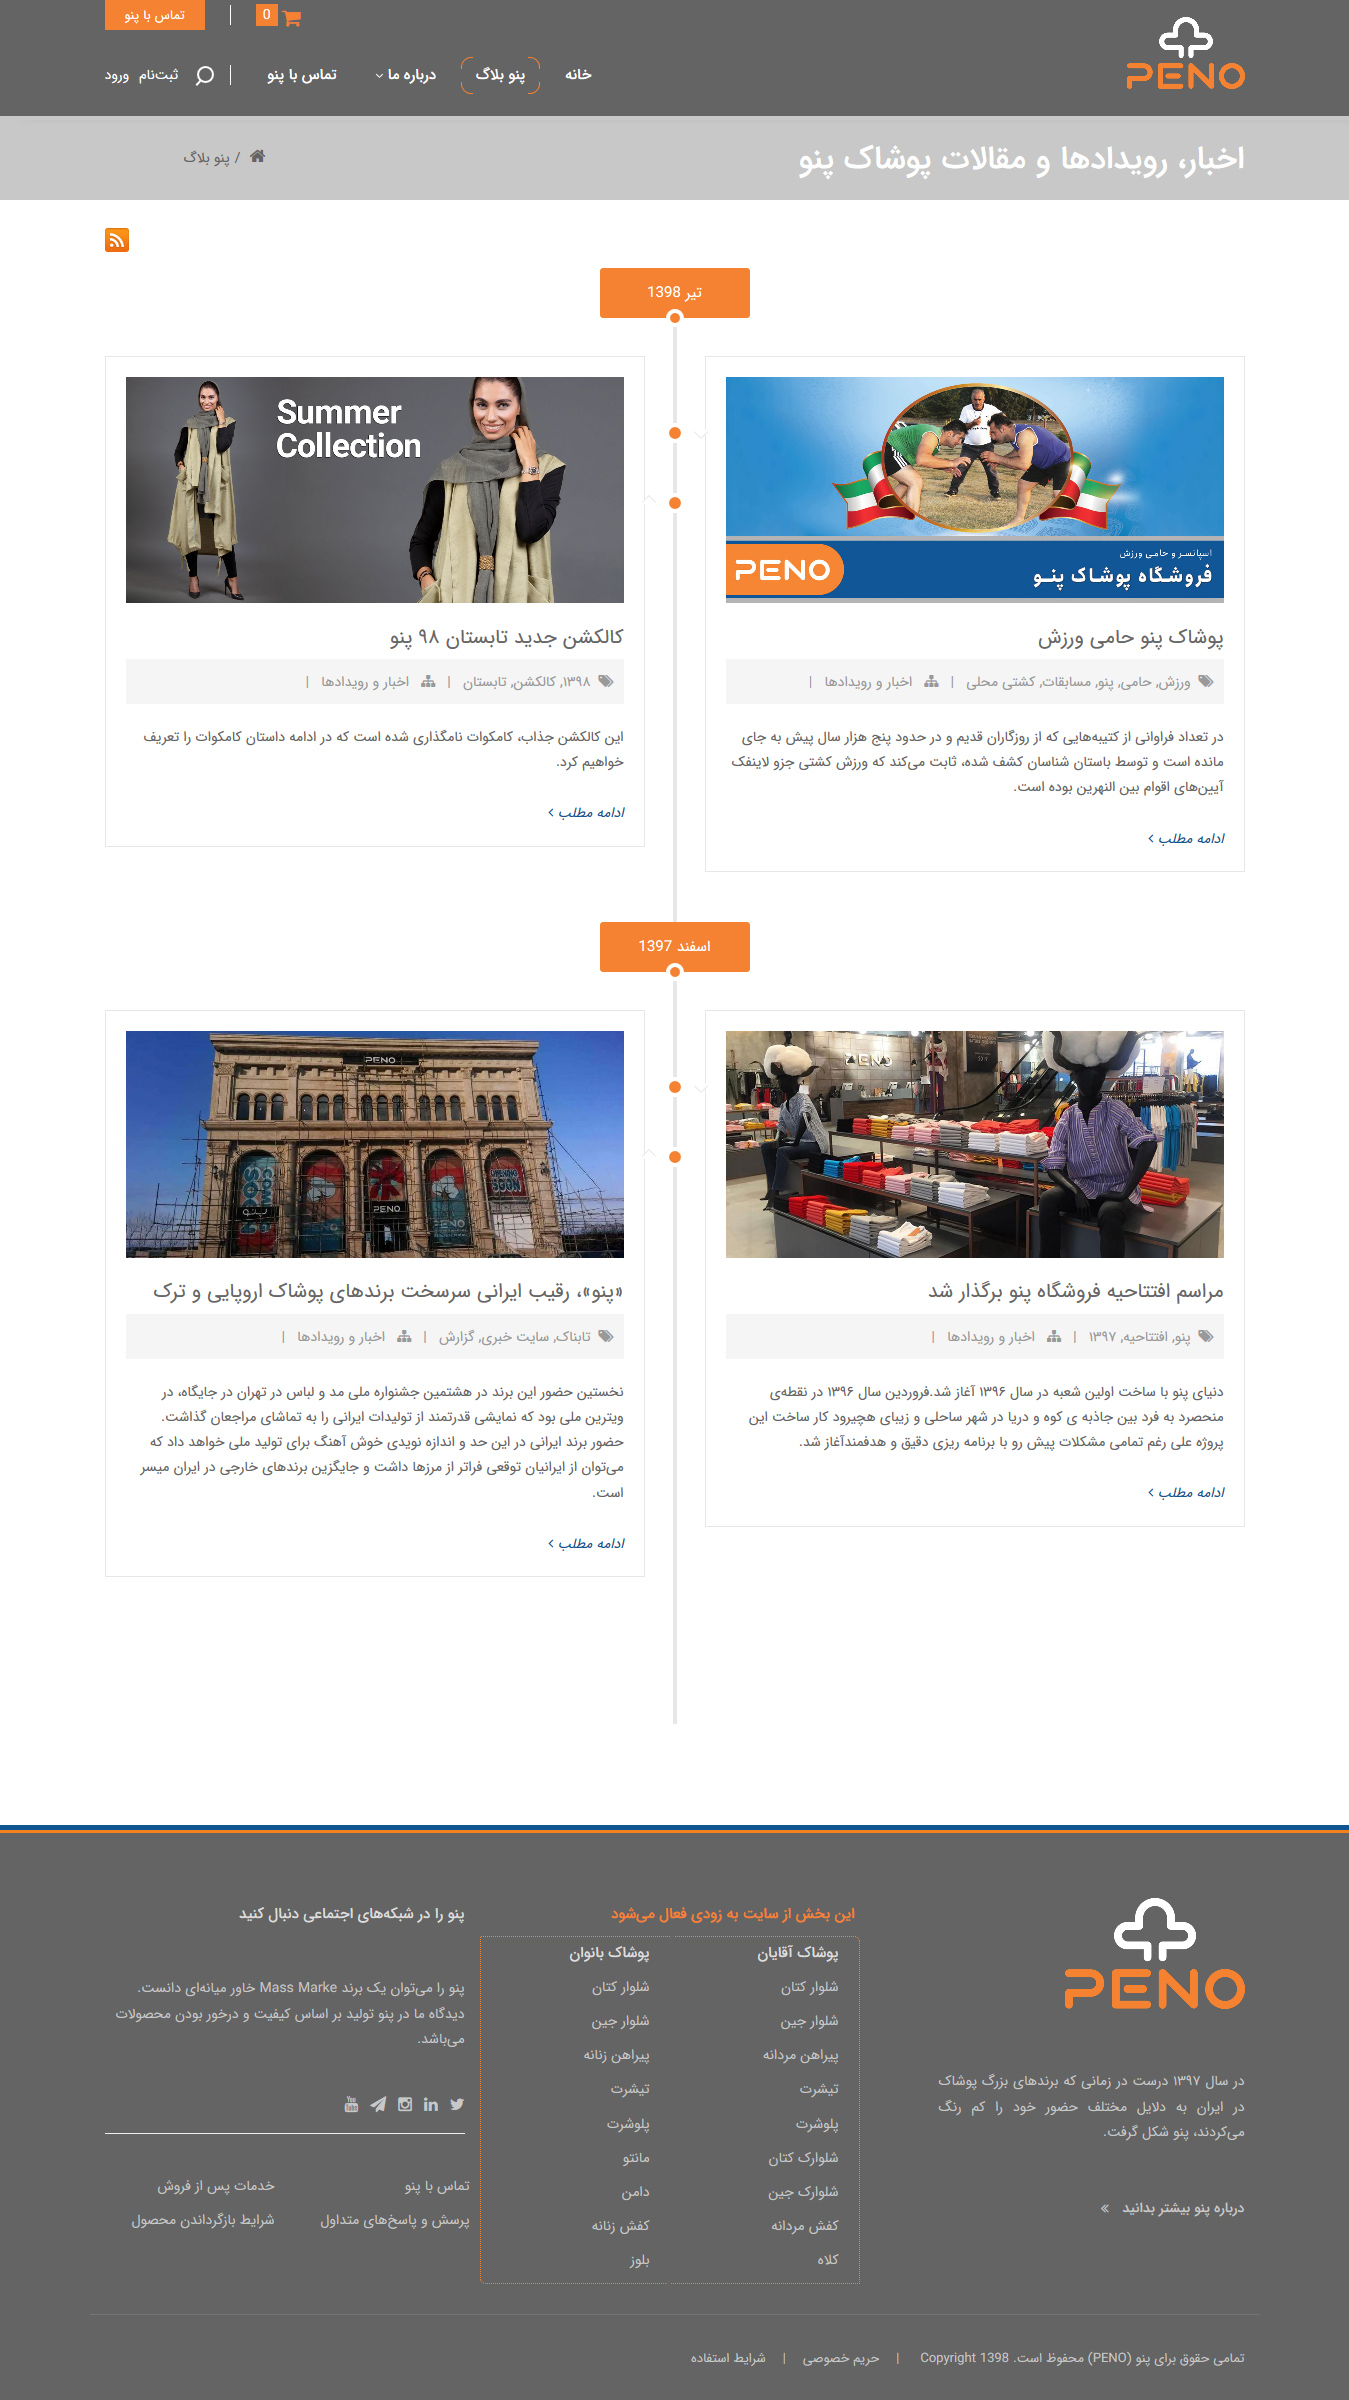 تصویری از صفحه اخبار و مقالات و رویدادهای فروشگاه پوشاک پنو